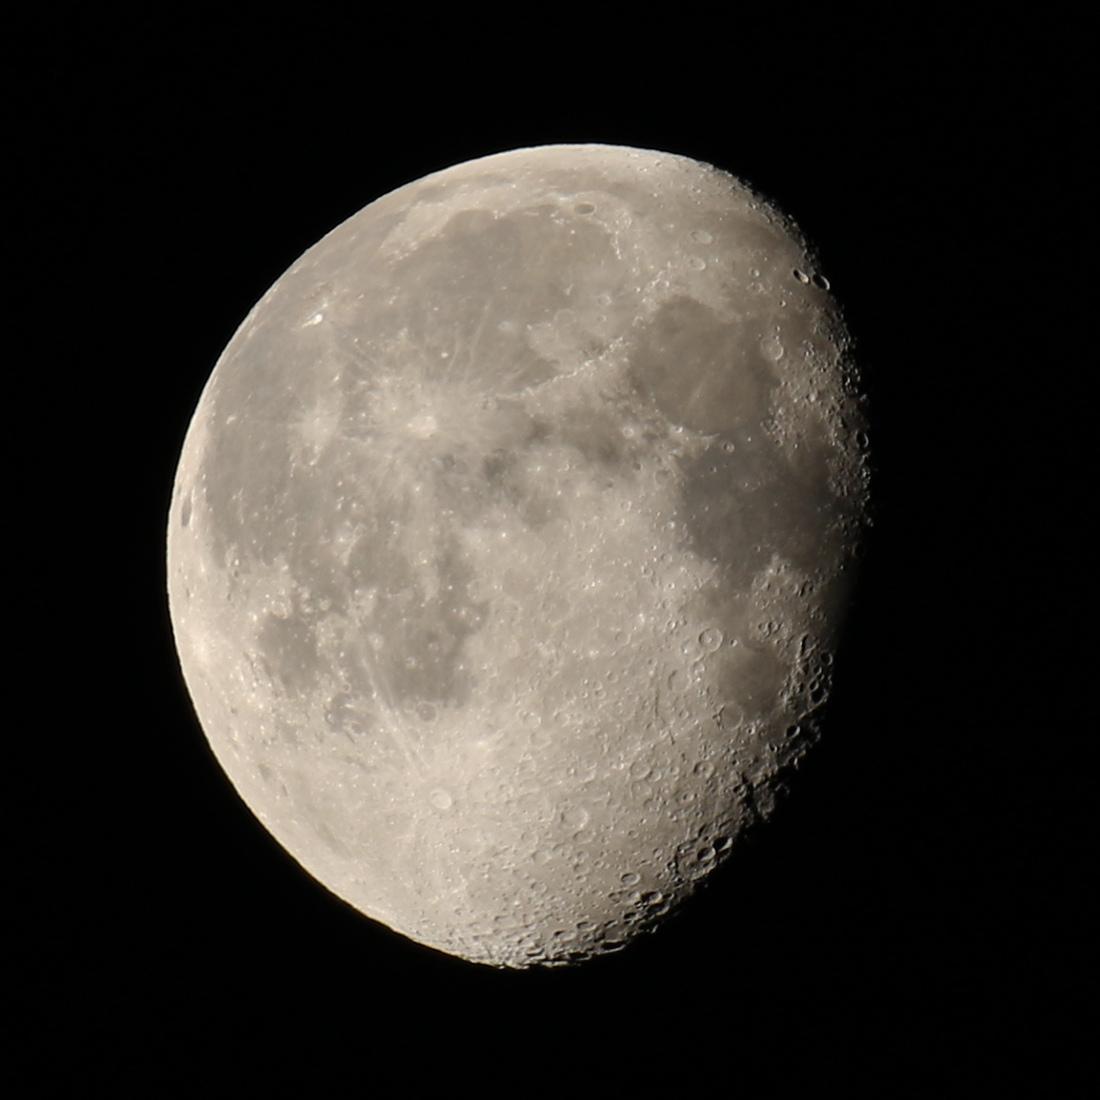 la lune au matin du 04/02/2018 (00037651.JPG)